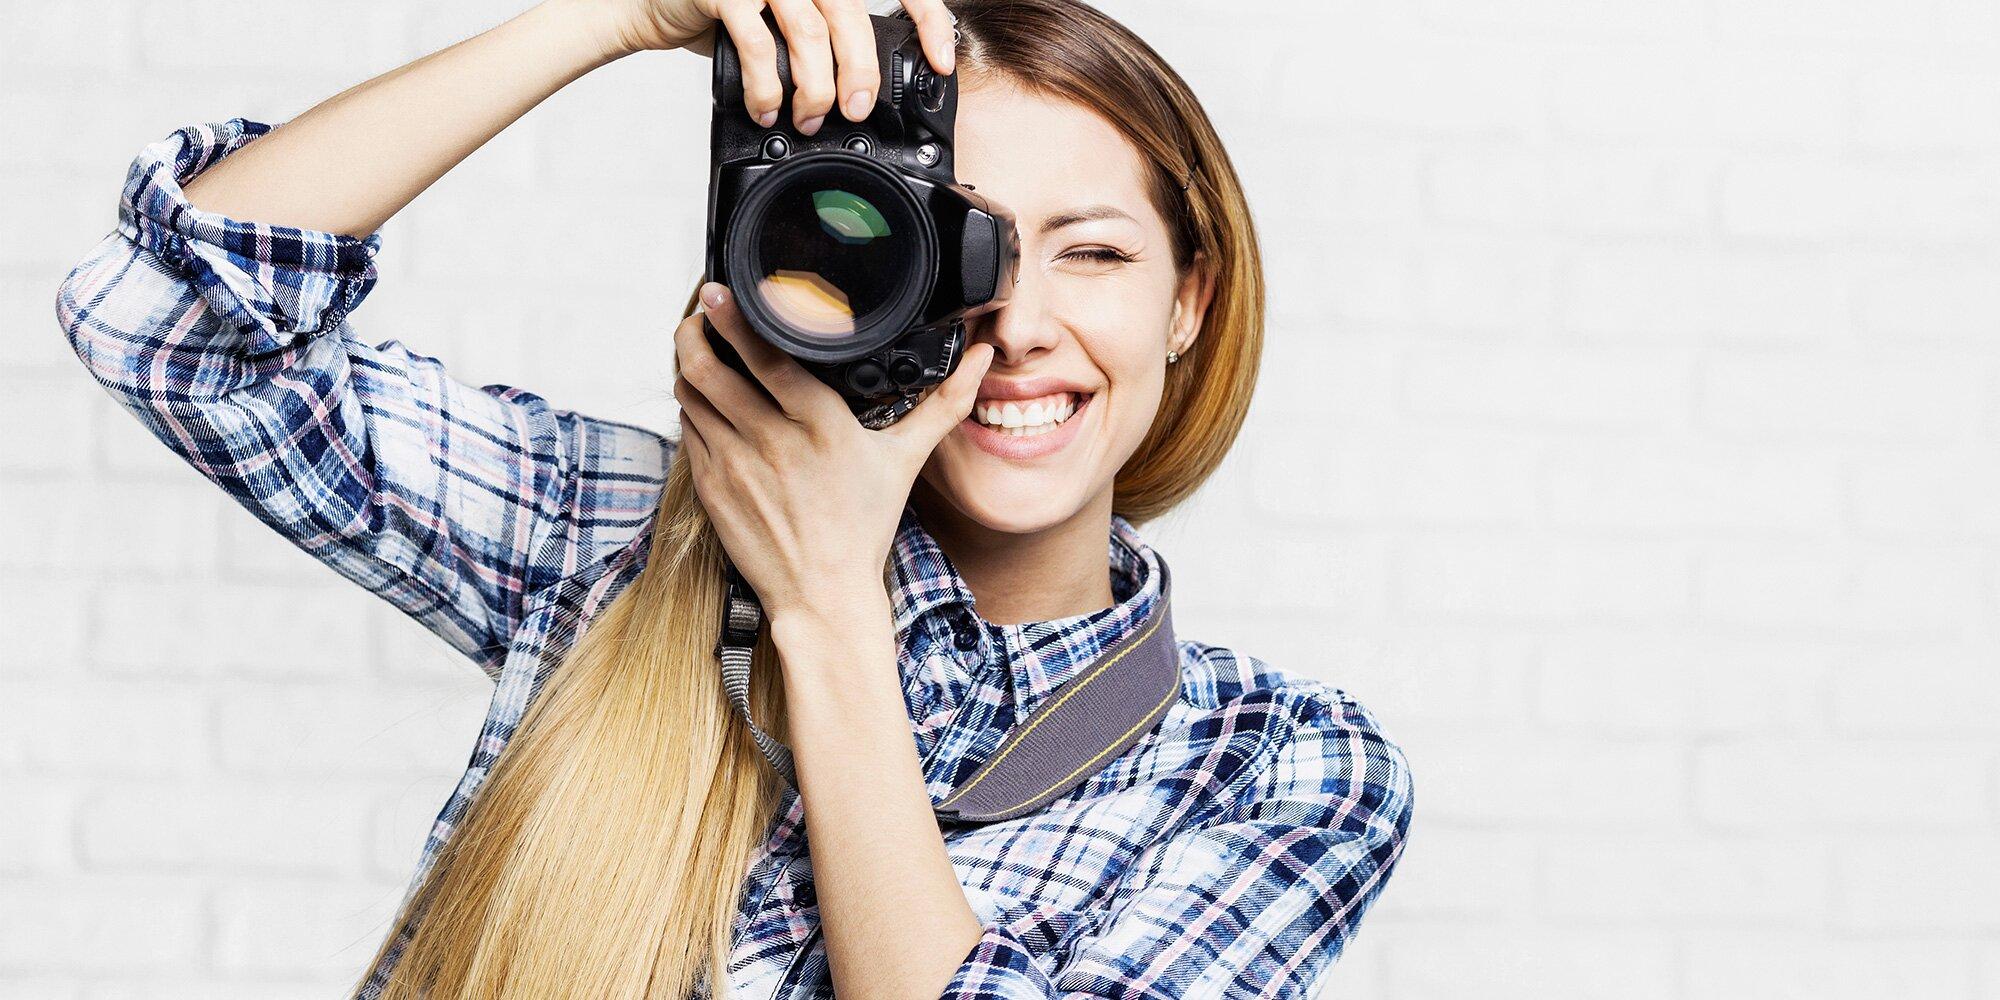 знать, что где найти срочно фотографа больше